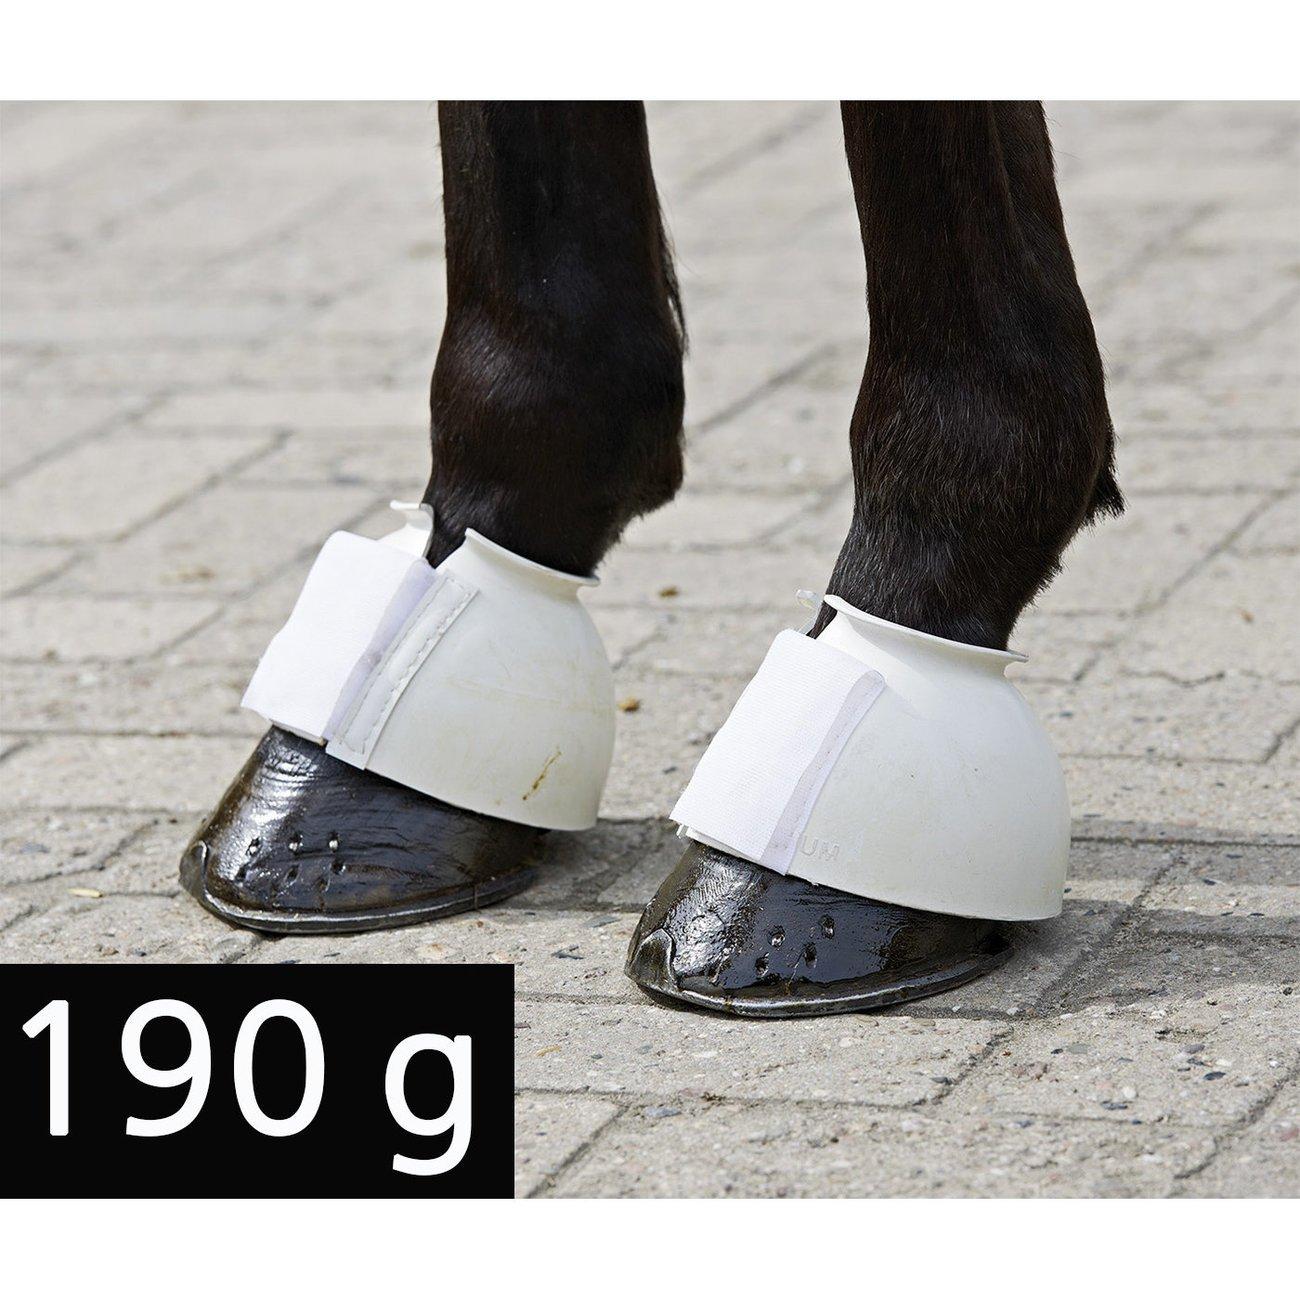 BUSSE Hufglocken Island mit Gewichten, Bild 5